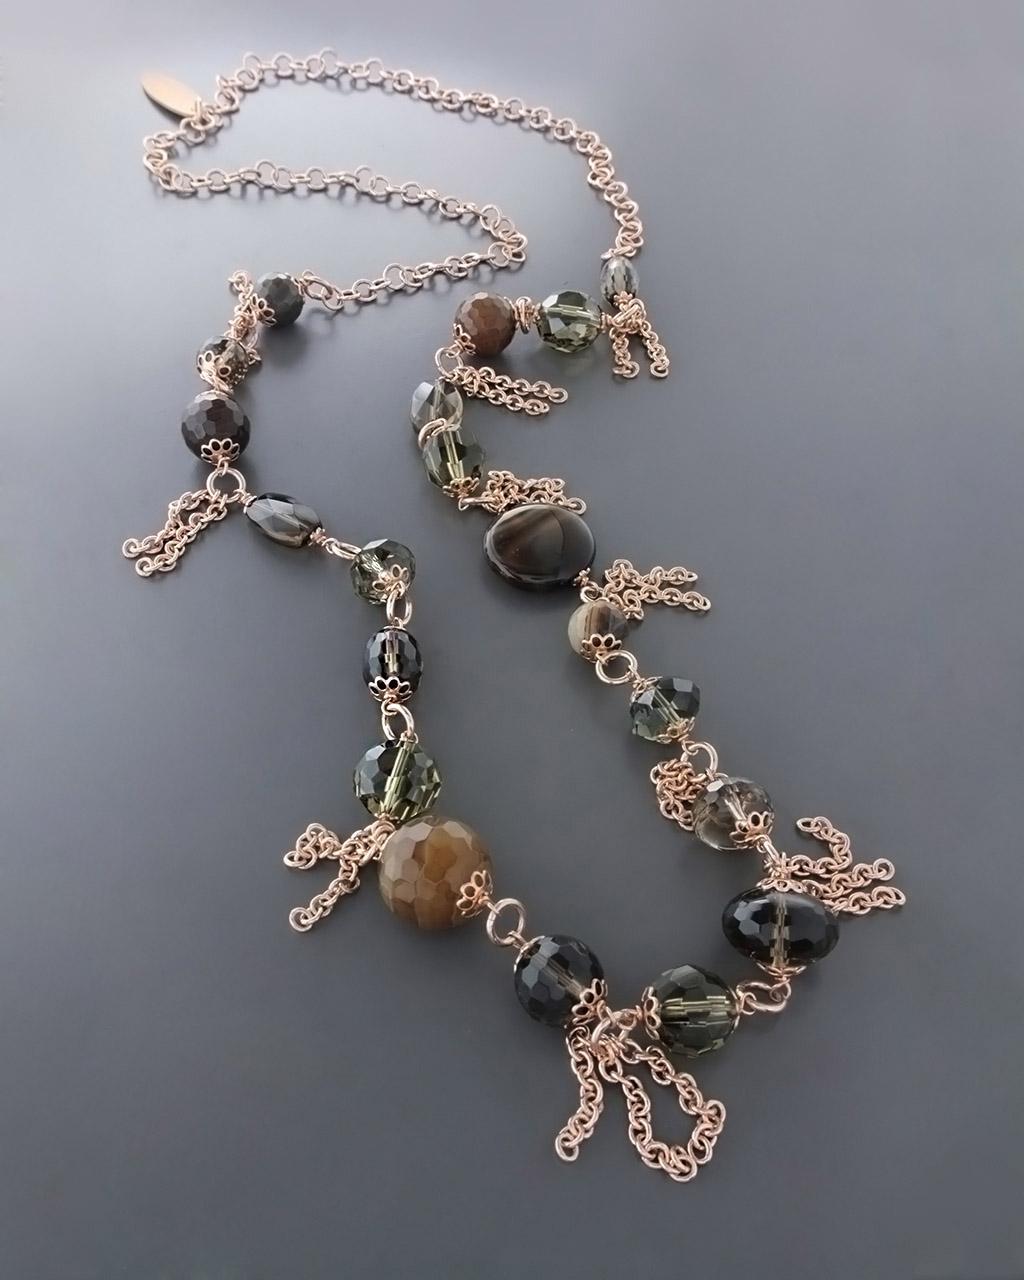 Κολιέ με Ορυκτές πέτρες   γυναικα κρεμαστά κολιέ κρεμαστά κολιέ ημιπολύτιμοι λίθοι